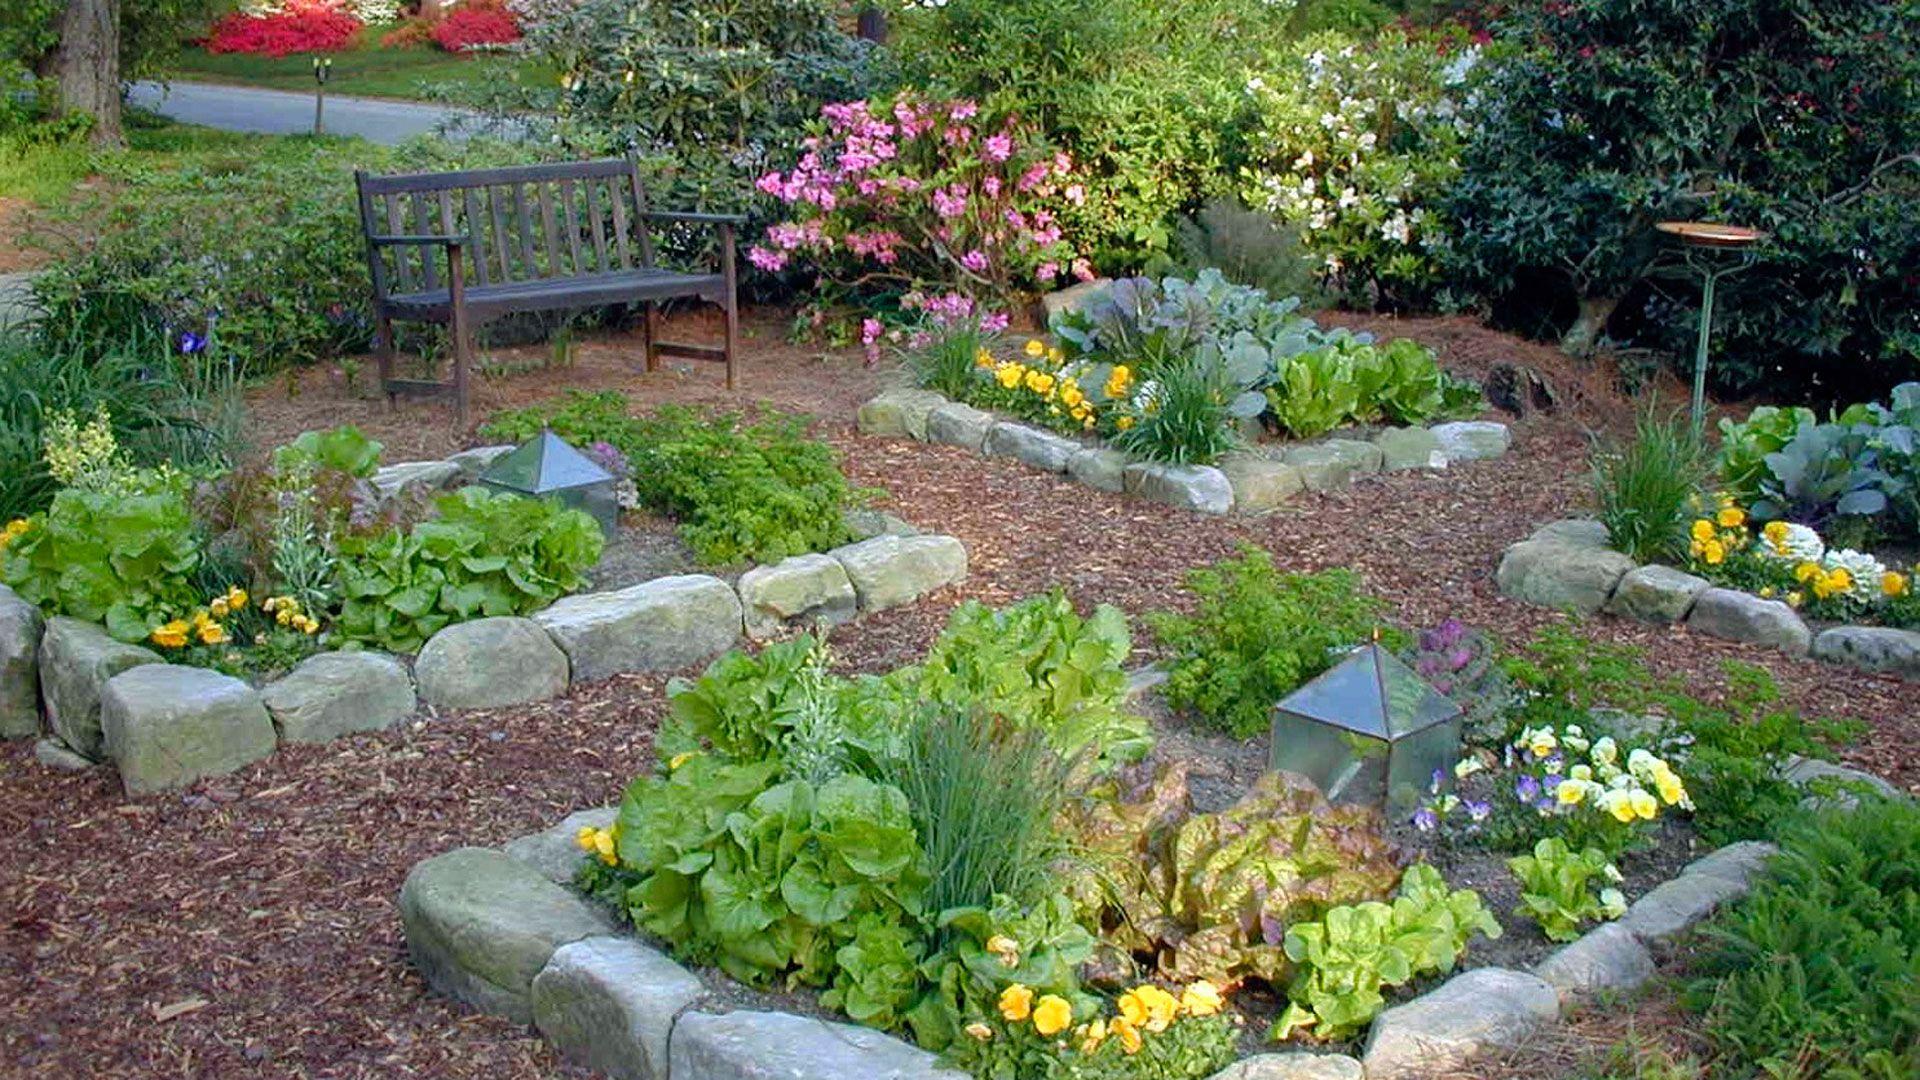 backyard oasis - beautiful